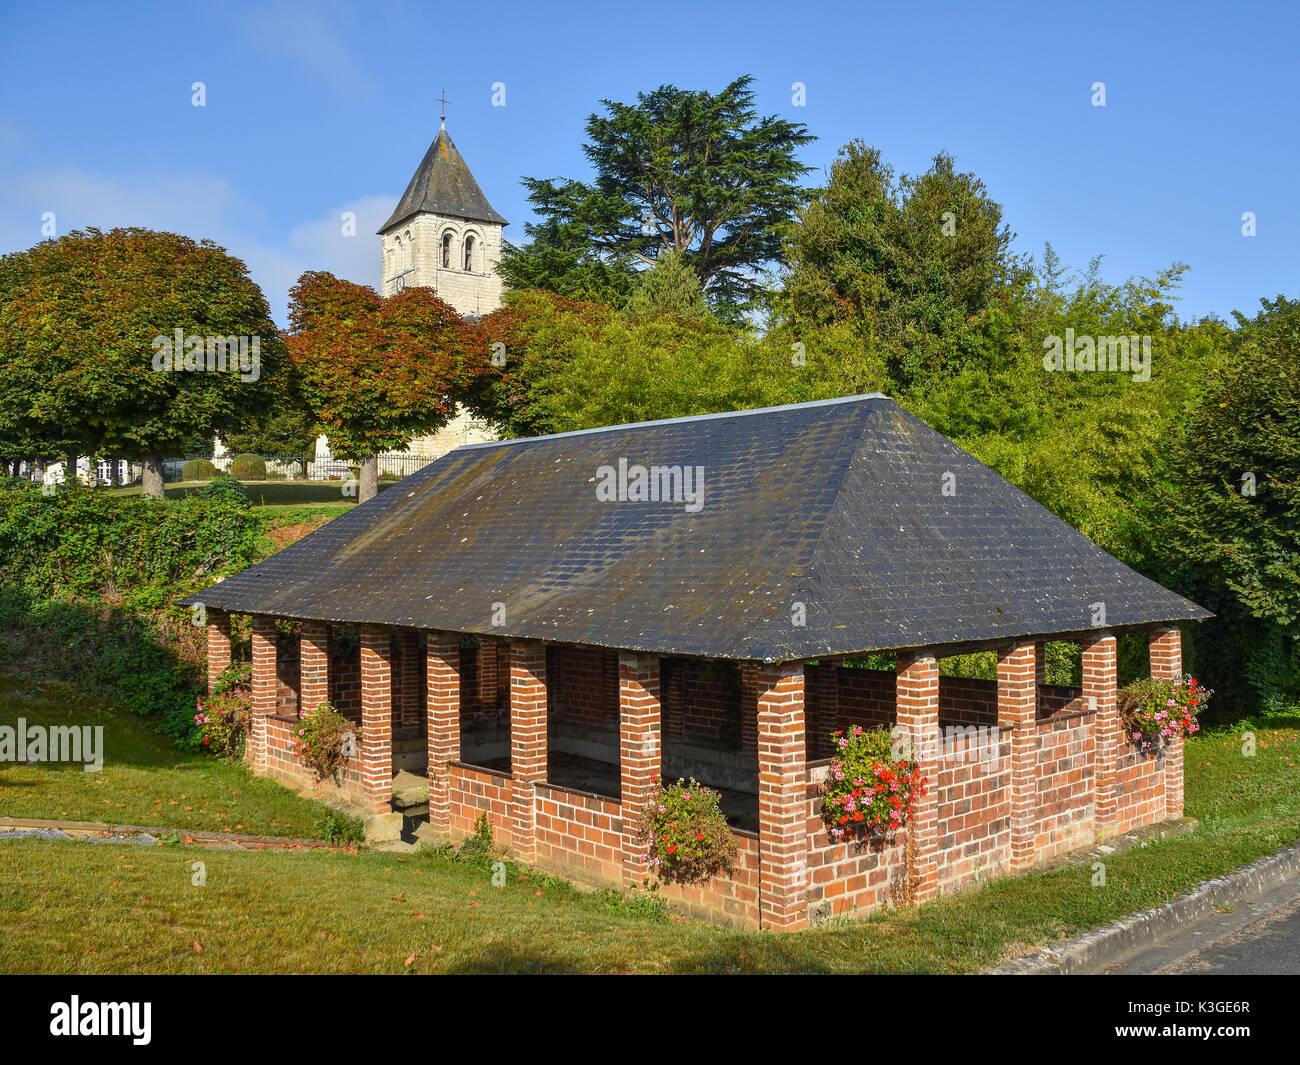 Lavoir (public wash-house), Bossay-sur-Claise, France. - Stock Image